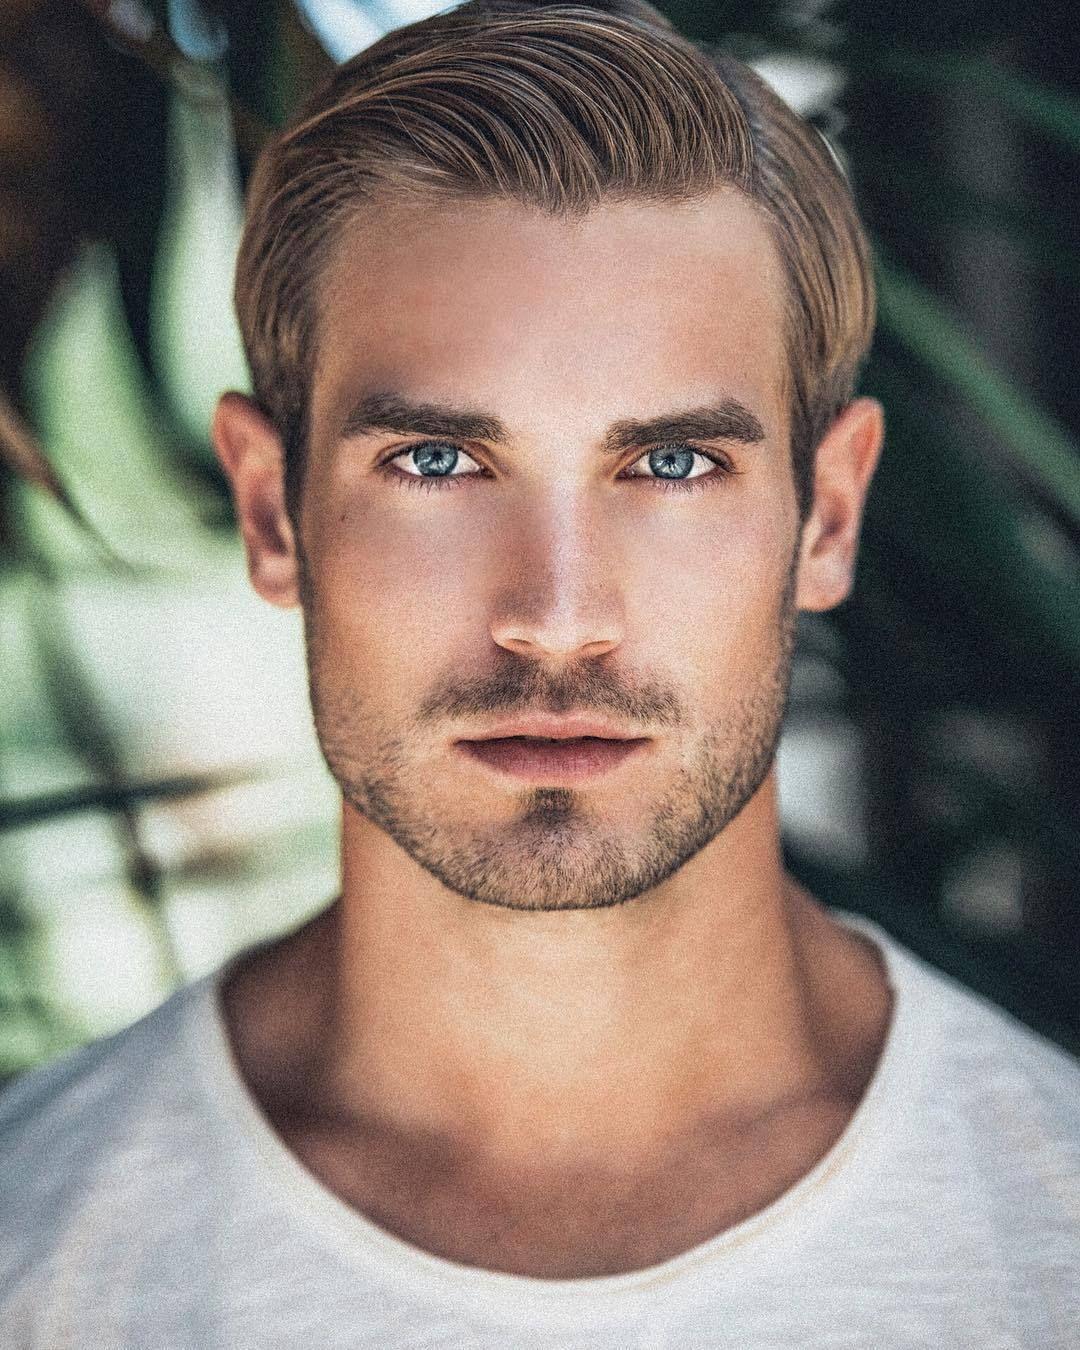 define handsome man